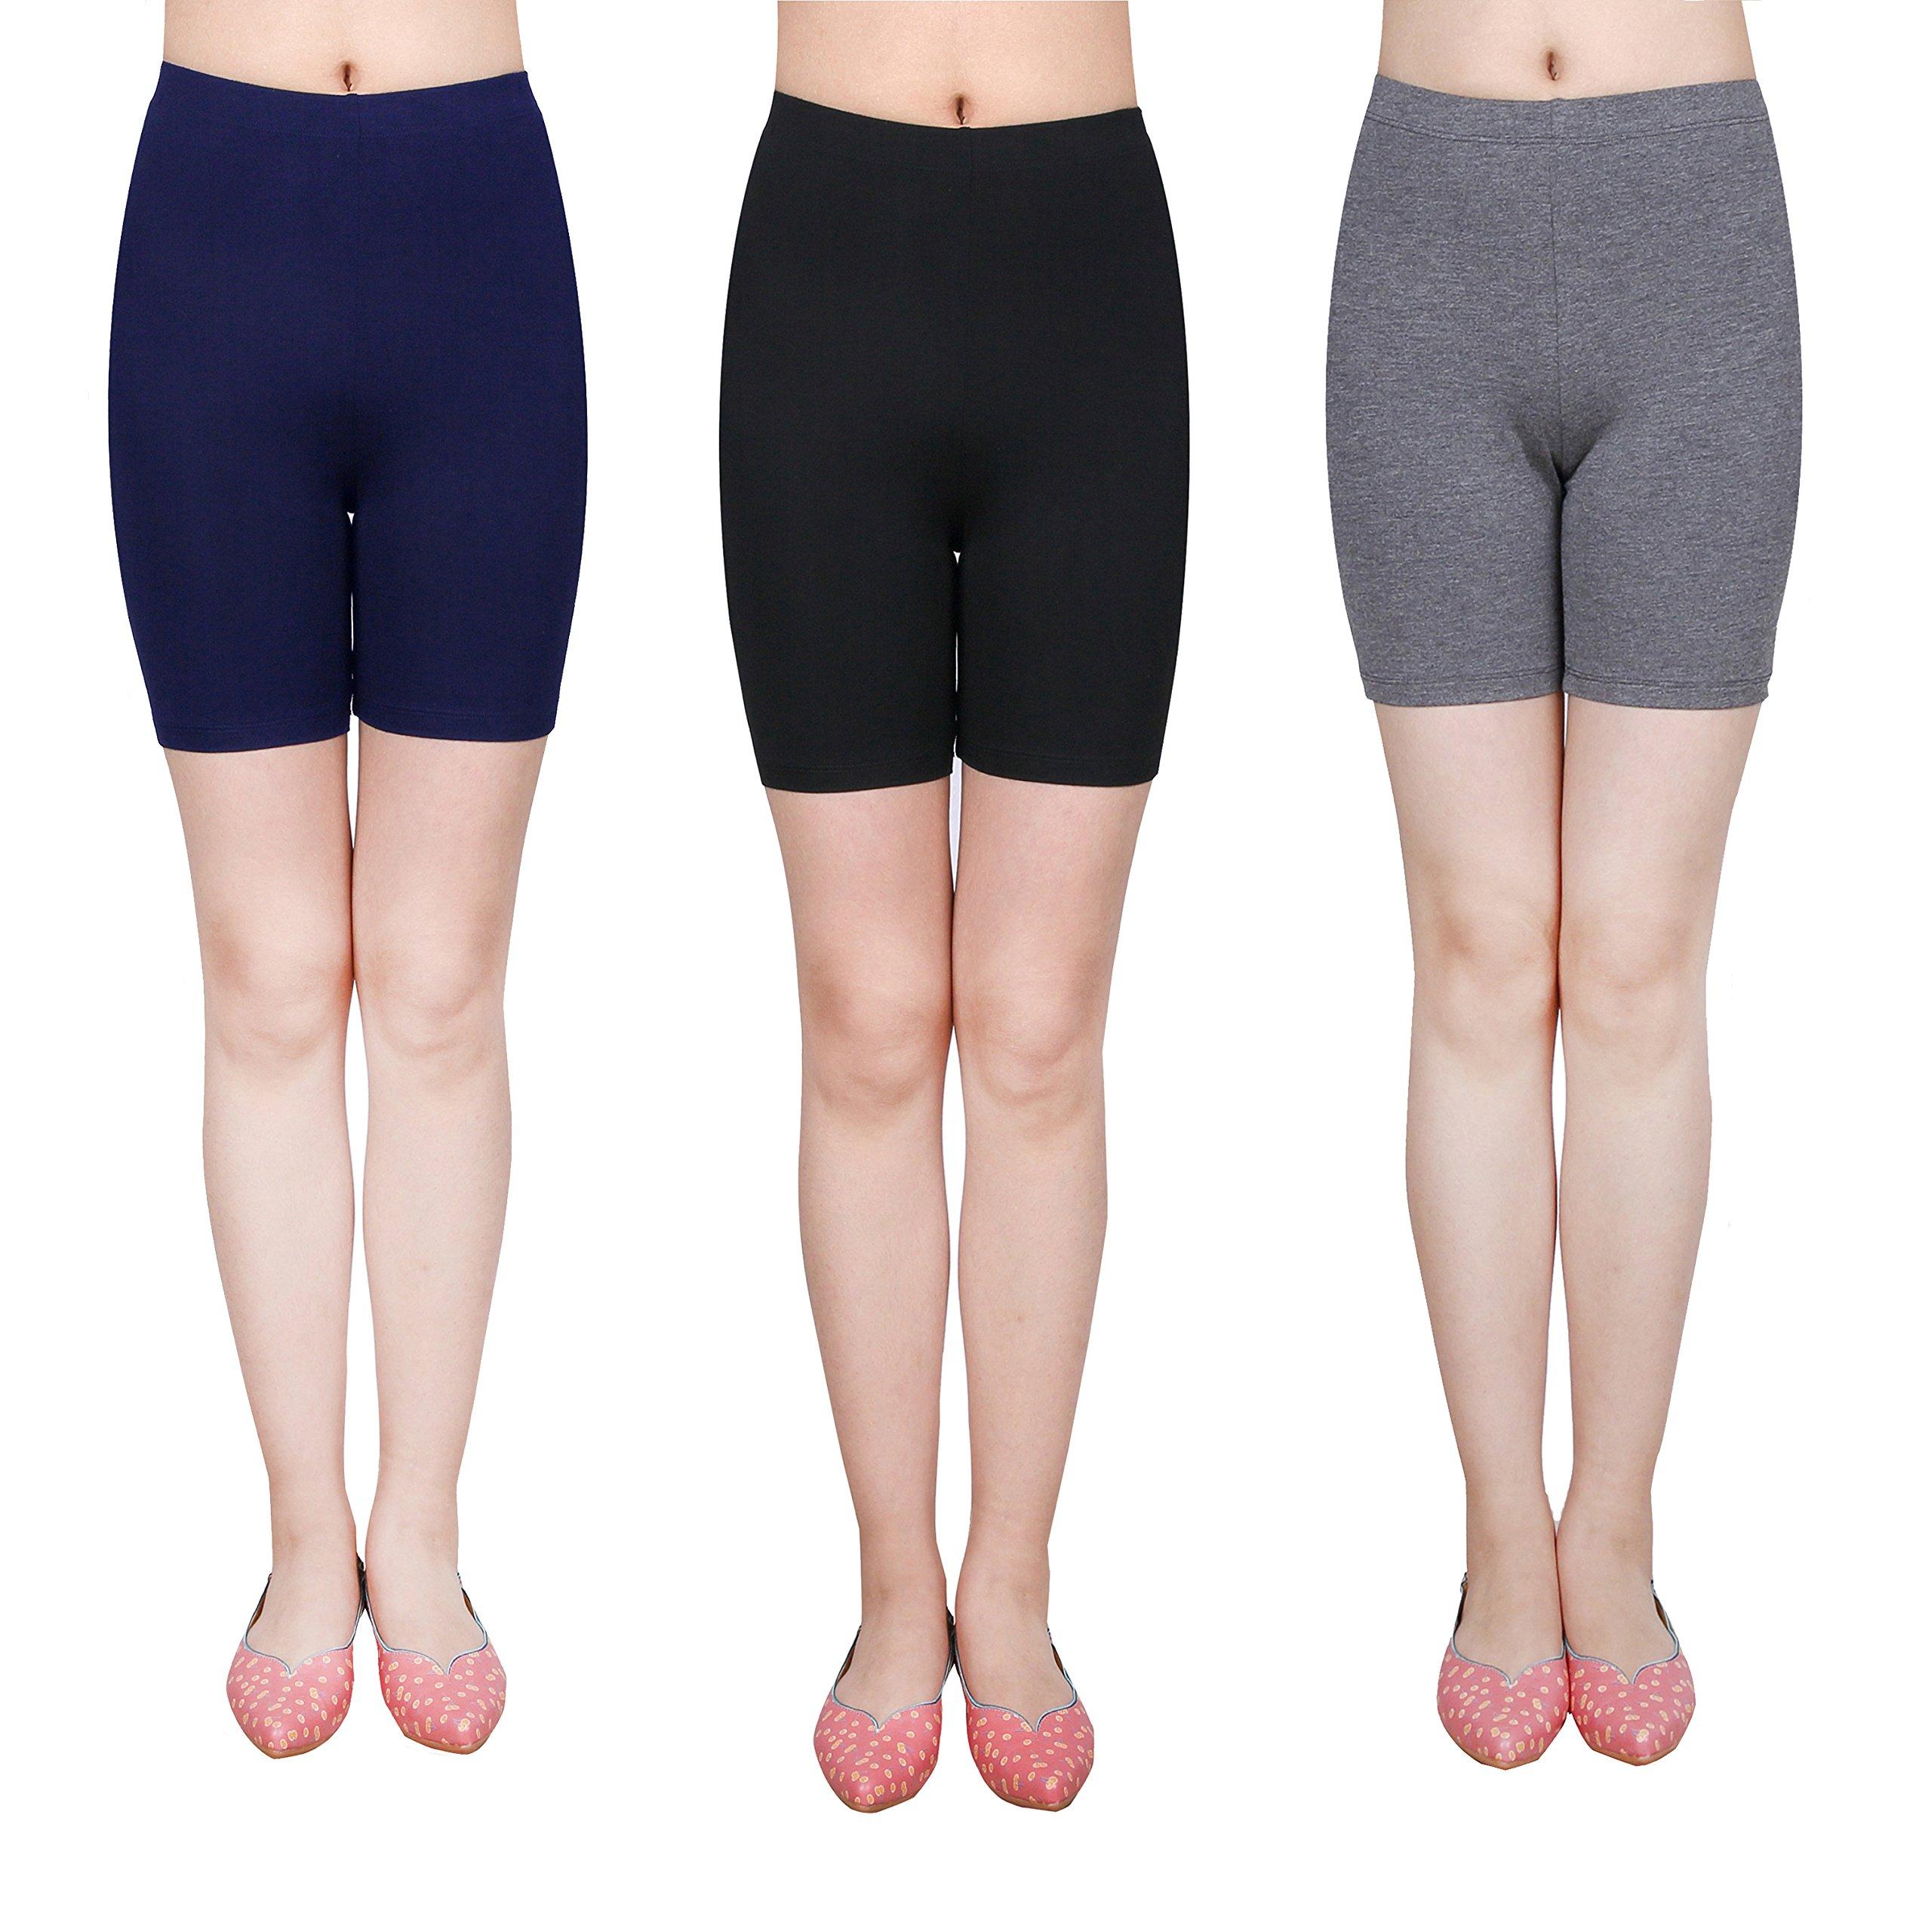 IRELIA 3 Pack Cotton Girls Bike Shorts Soft Underwear for Summer Size 6-16 02 M